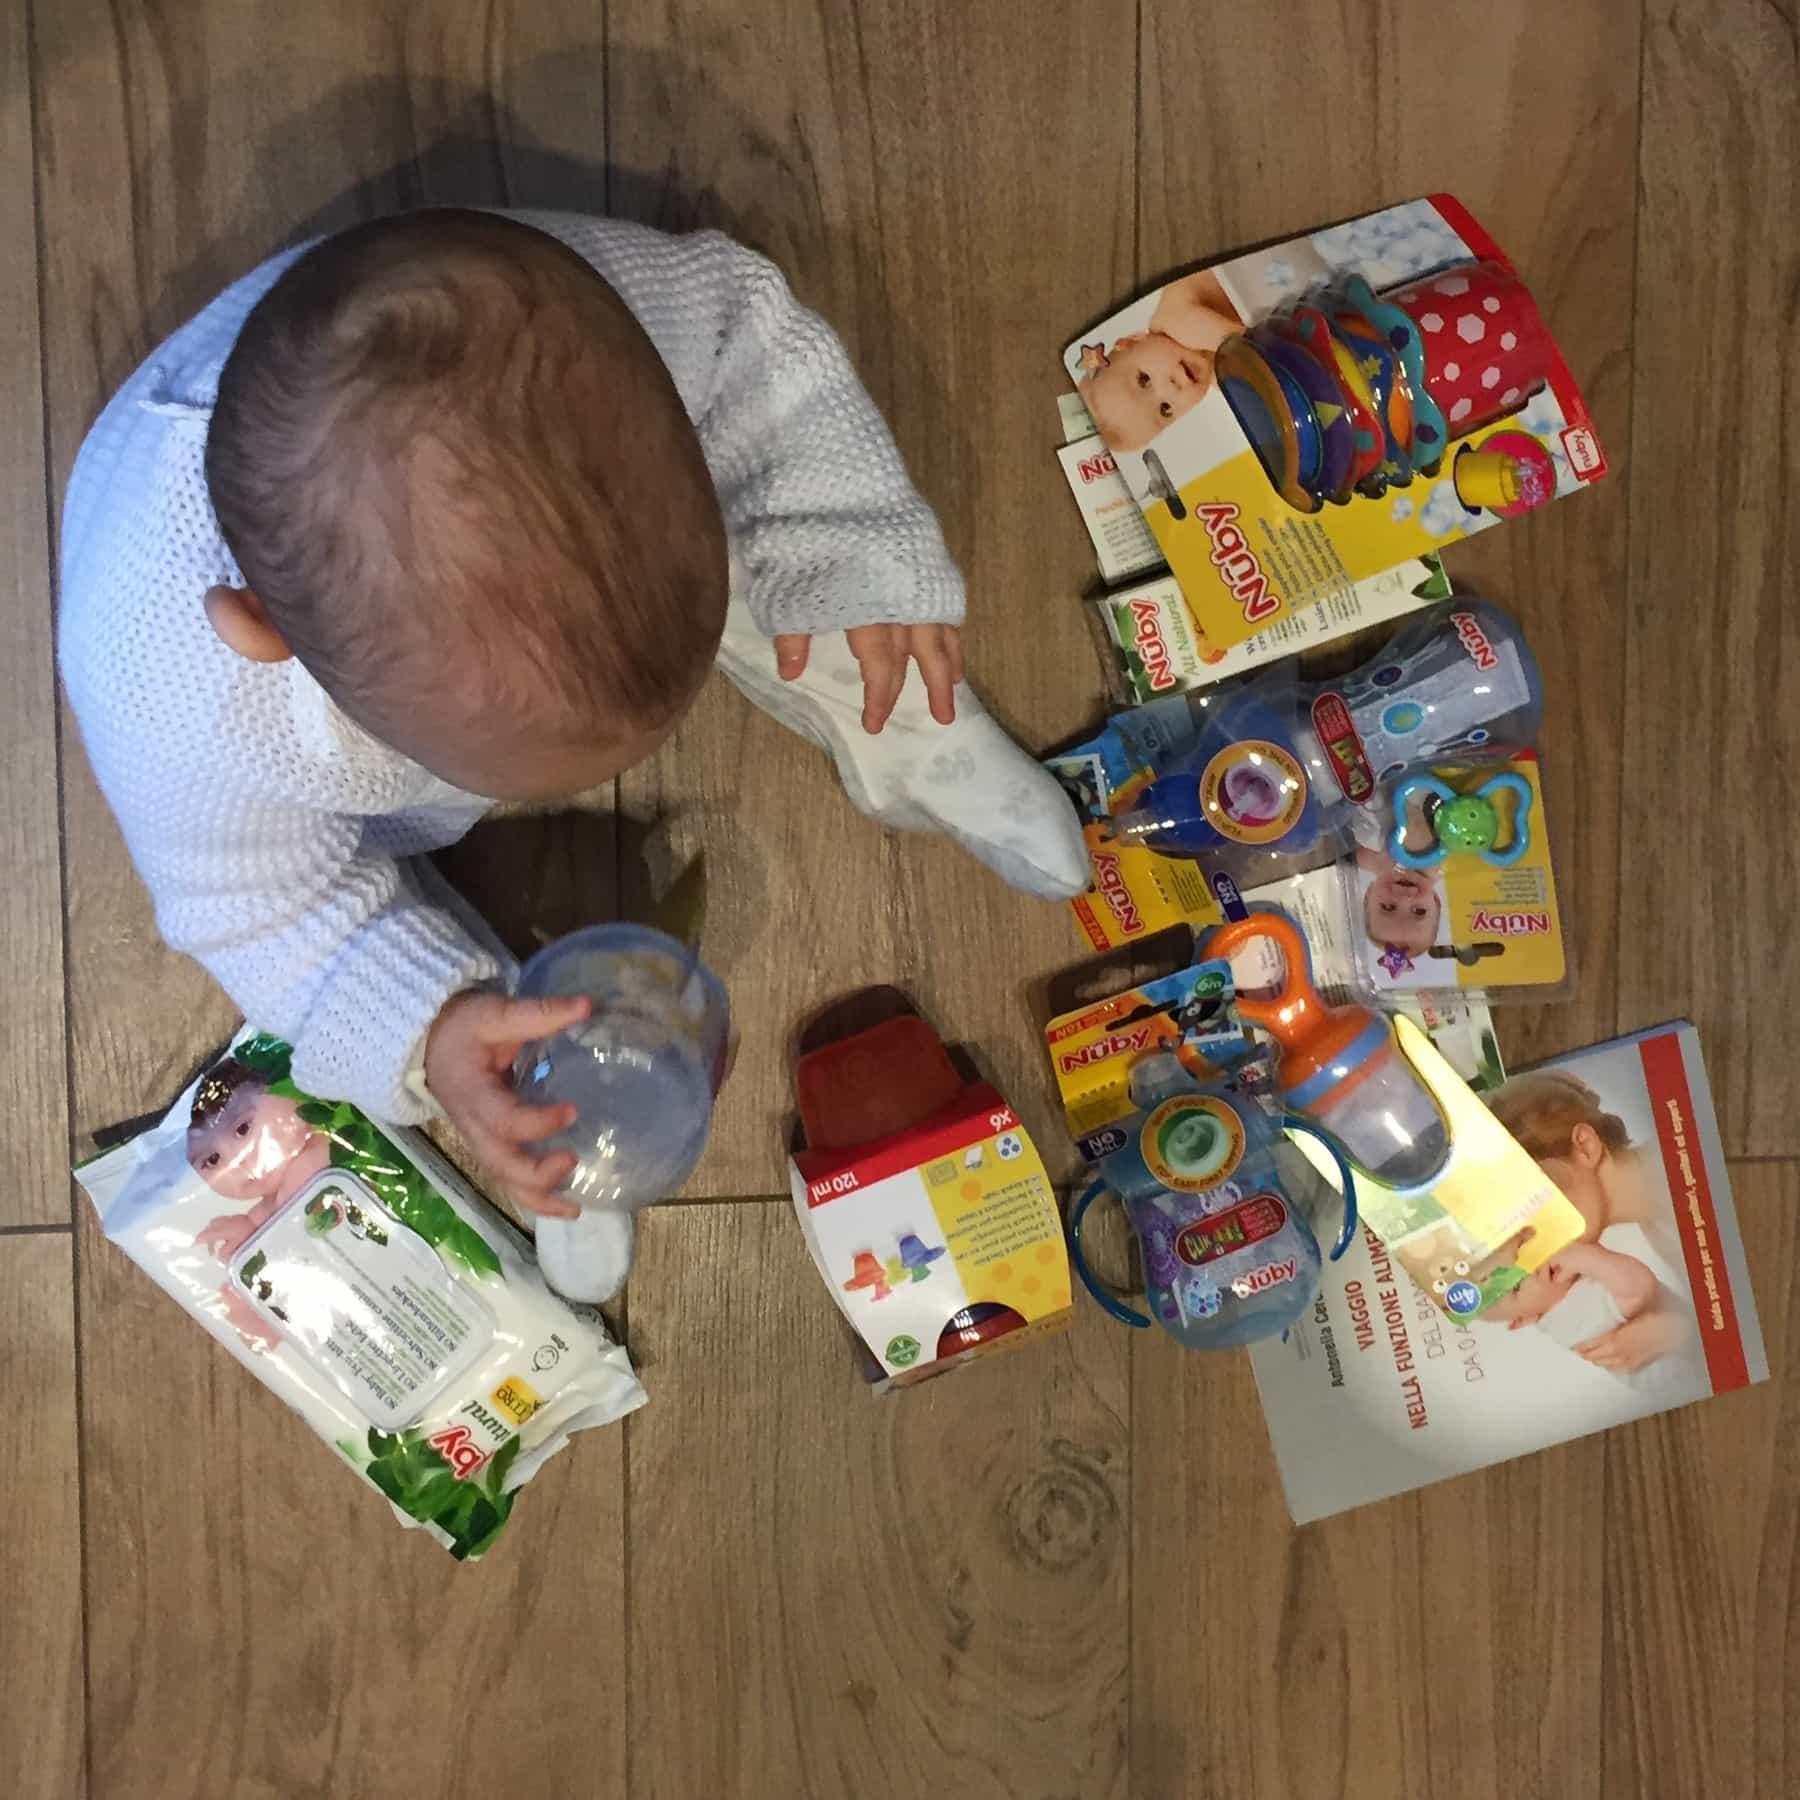 Tanti aiuti per grandi e piccini: Nuby dalla parte dei bambini